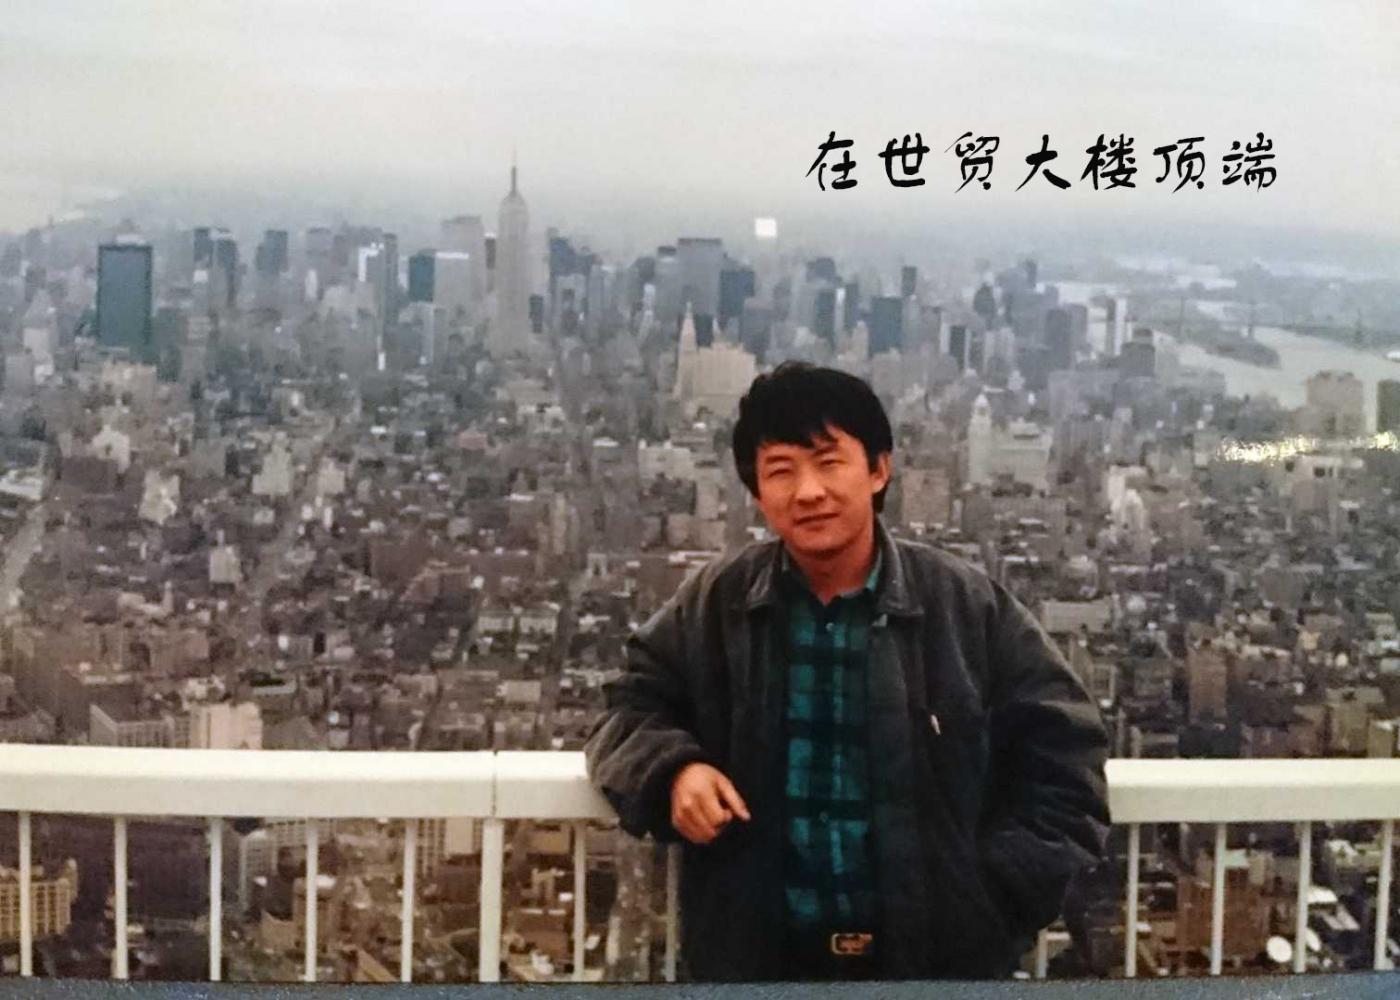 【相机人生】12月3日-记忆永恒(488)_图1-30